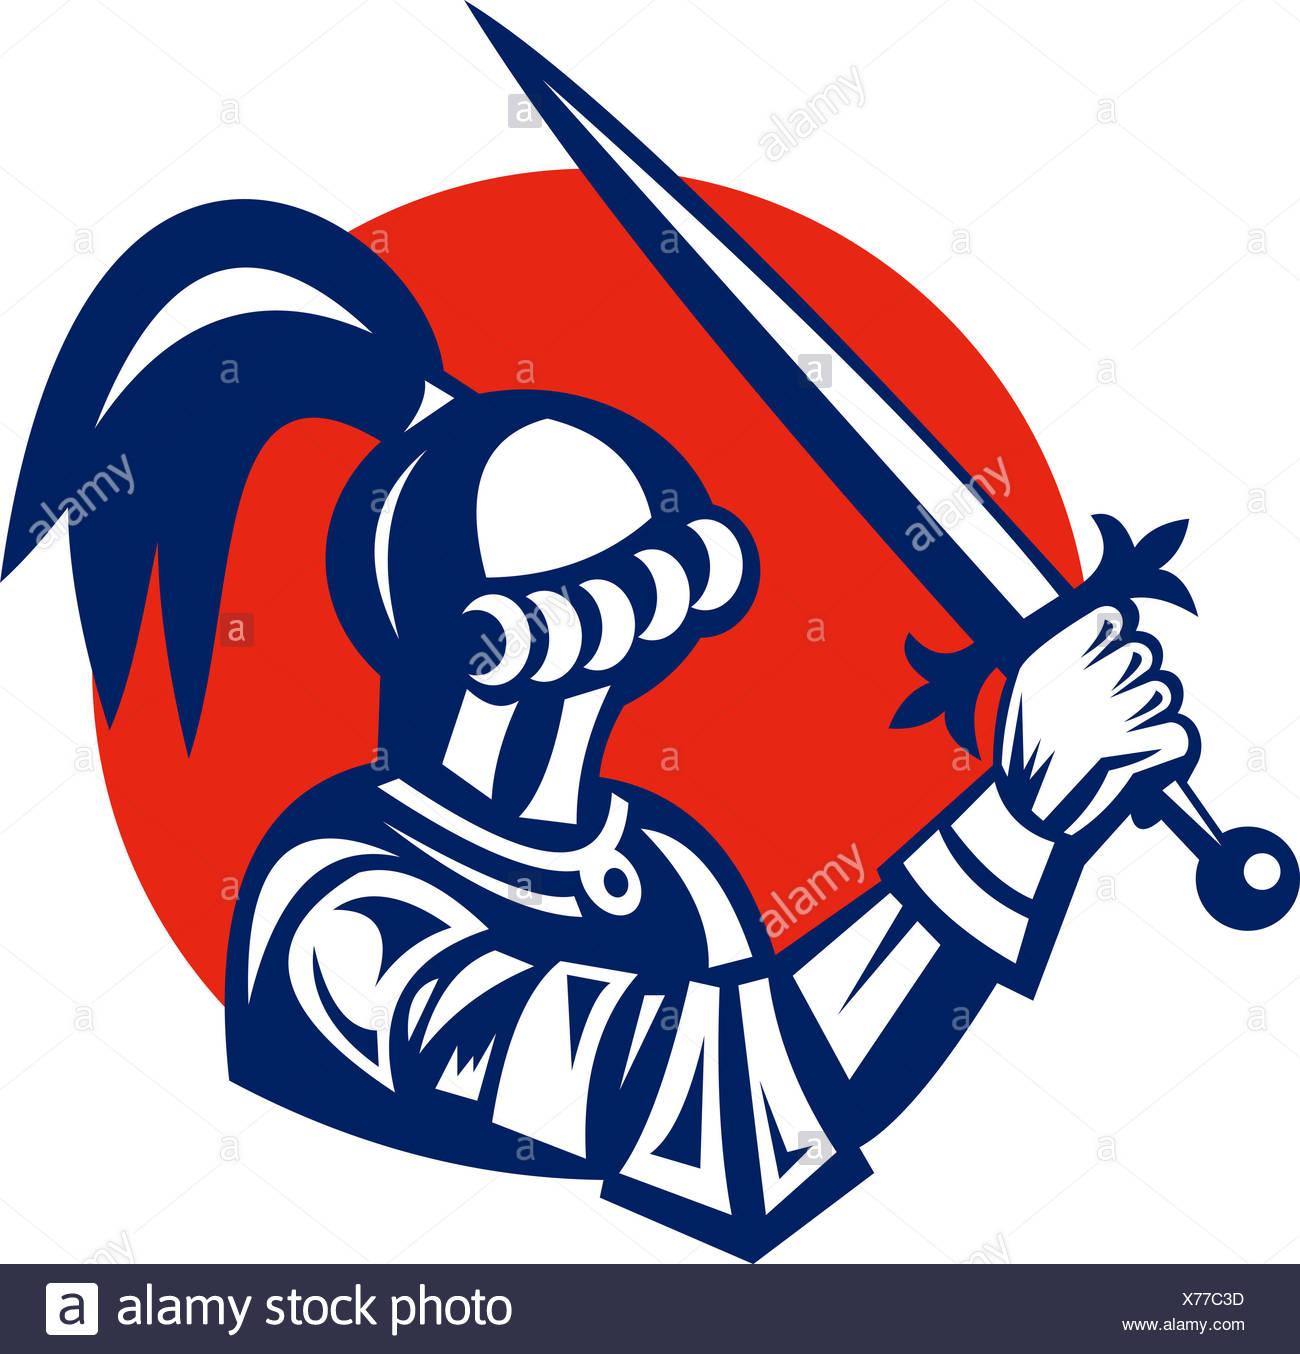 1300x1354 Medieval Crusader Knight Helmet Stock Photos Amp Medieval Crusader